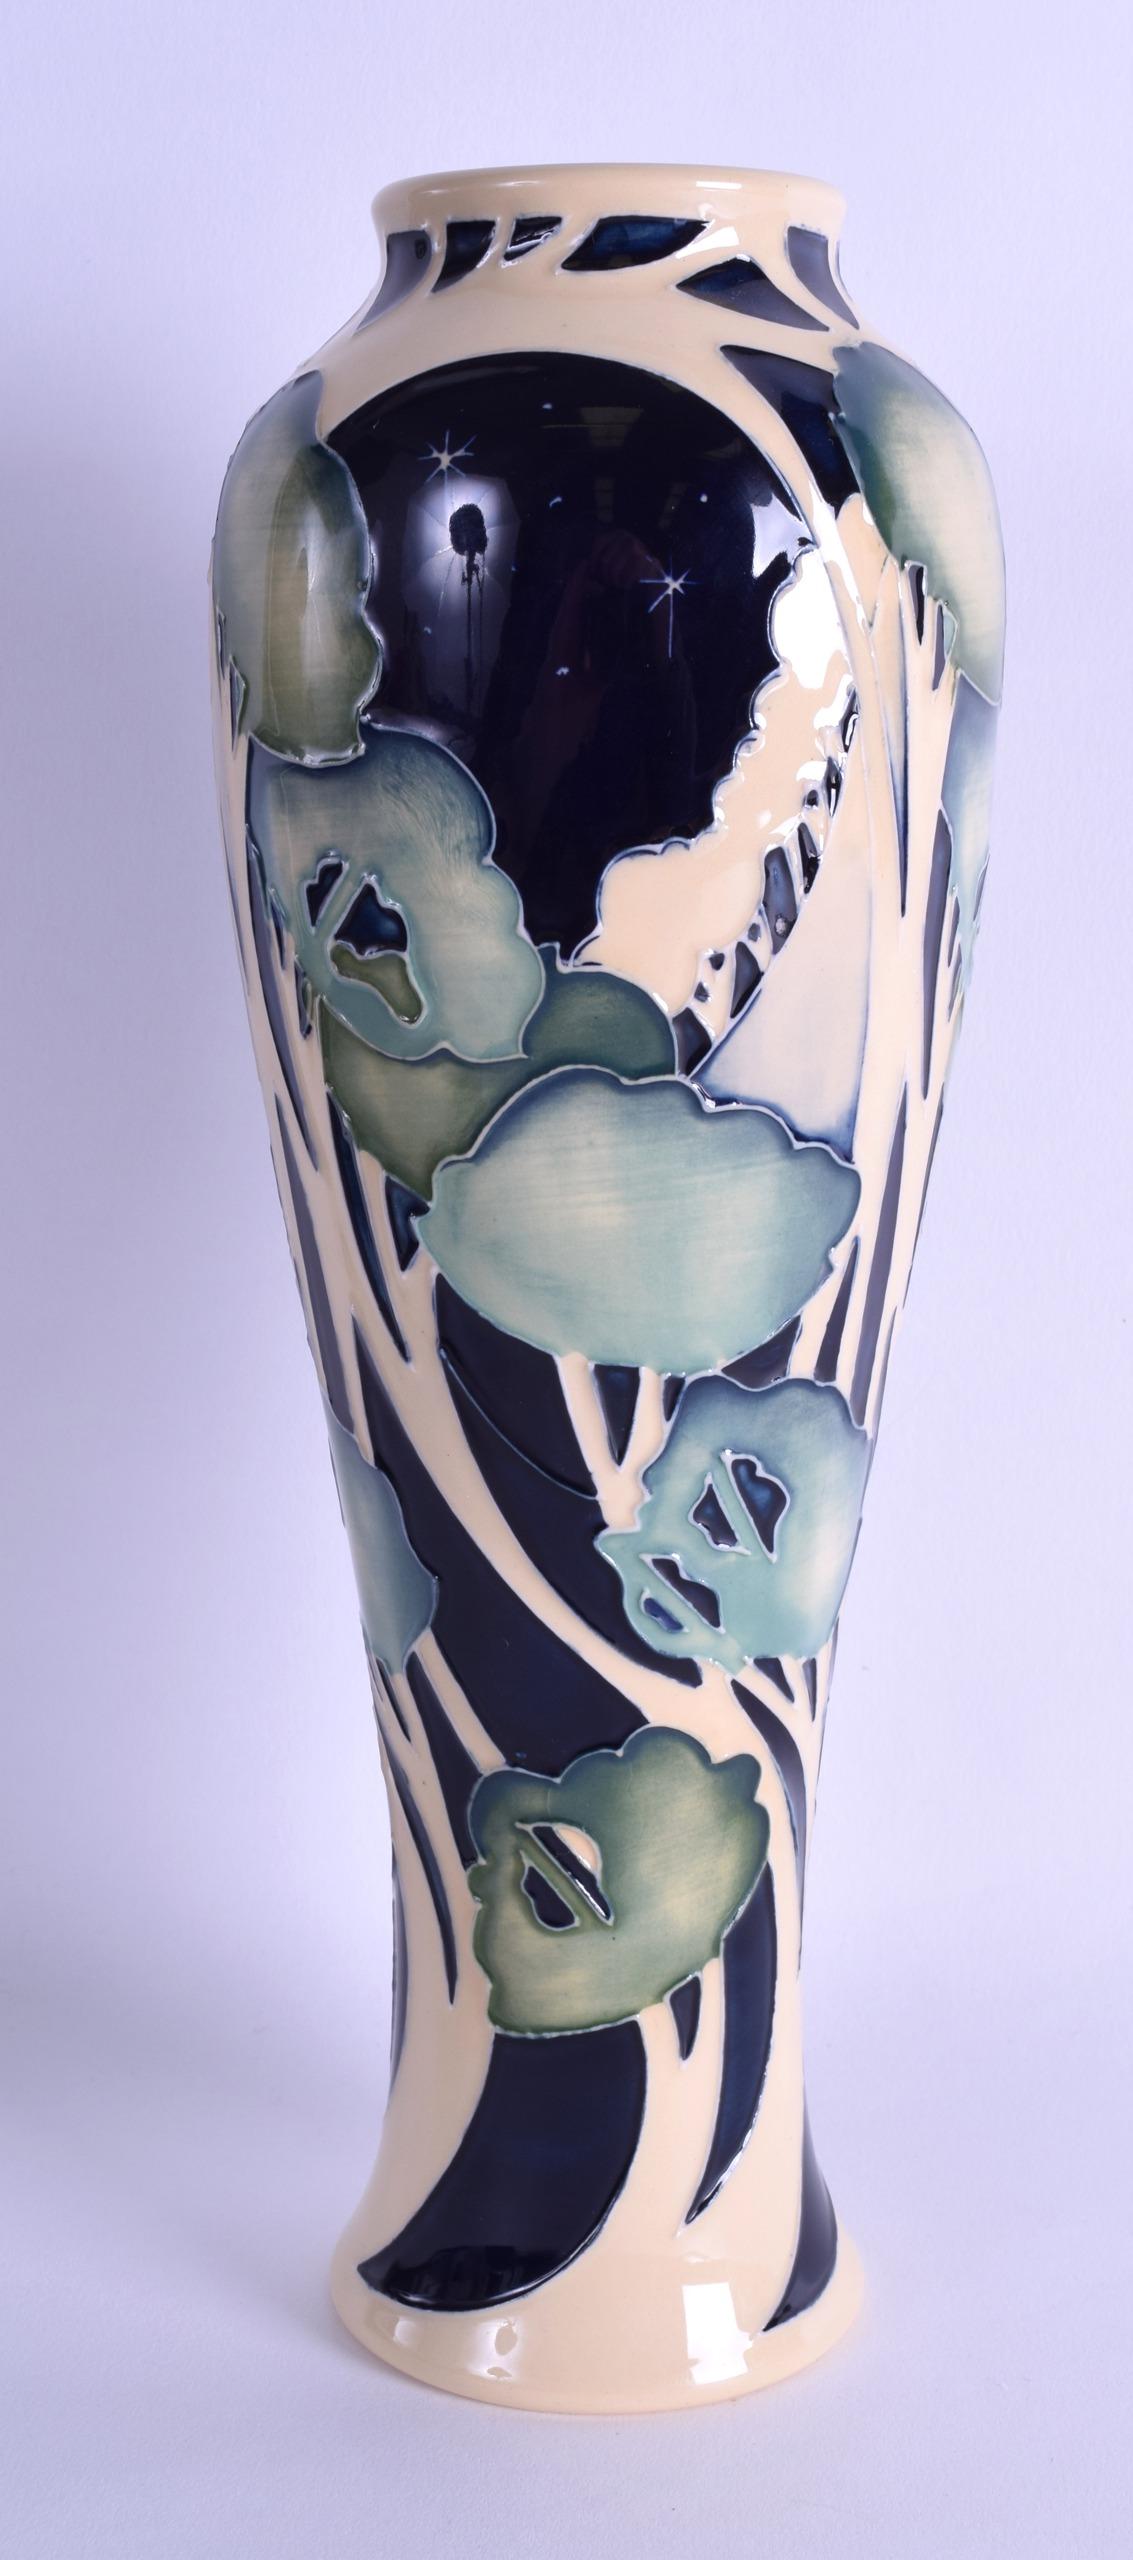 Lot 46 - A MOORCROFT 'TREES IN MOONLIGHT' VASE designed by Vicky Lovatt. No 76 of 150. 26.5 cm high.